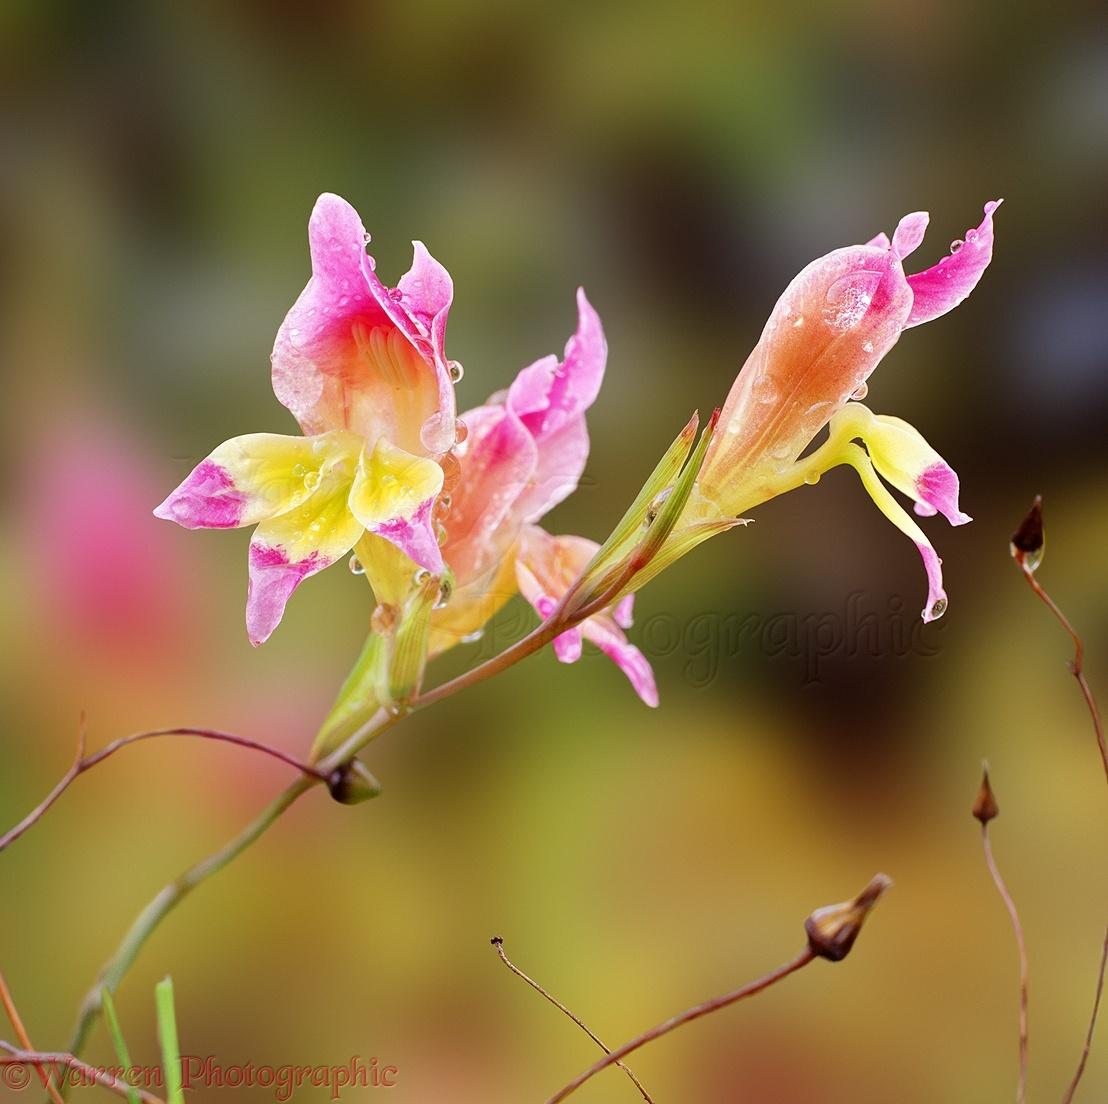 Gladiolus Venustus Flowers Photo Wp03961